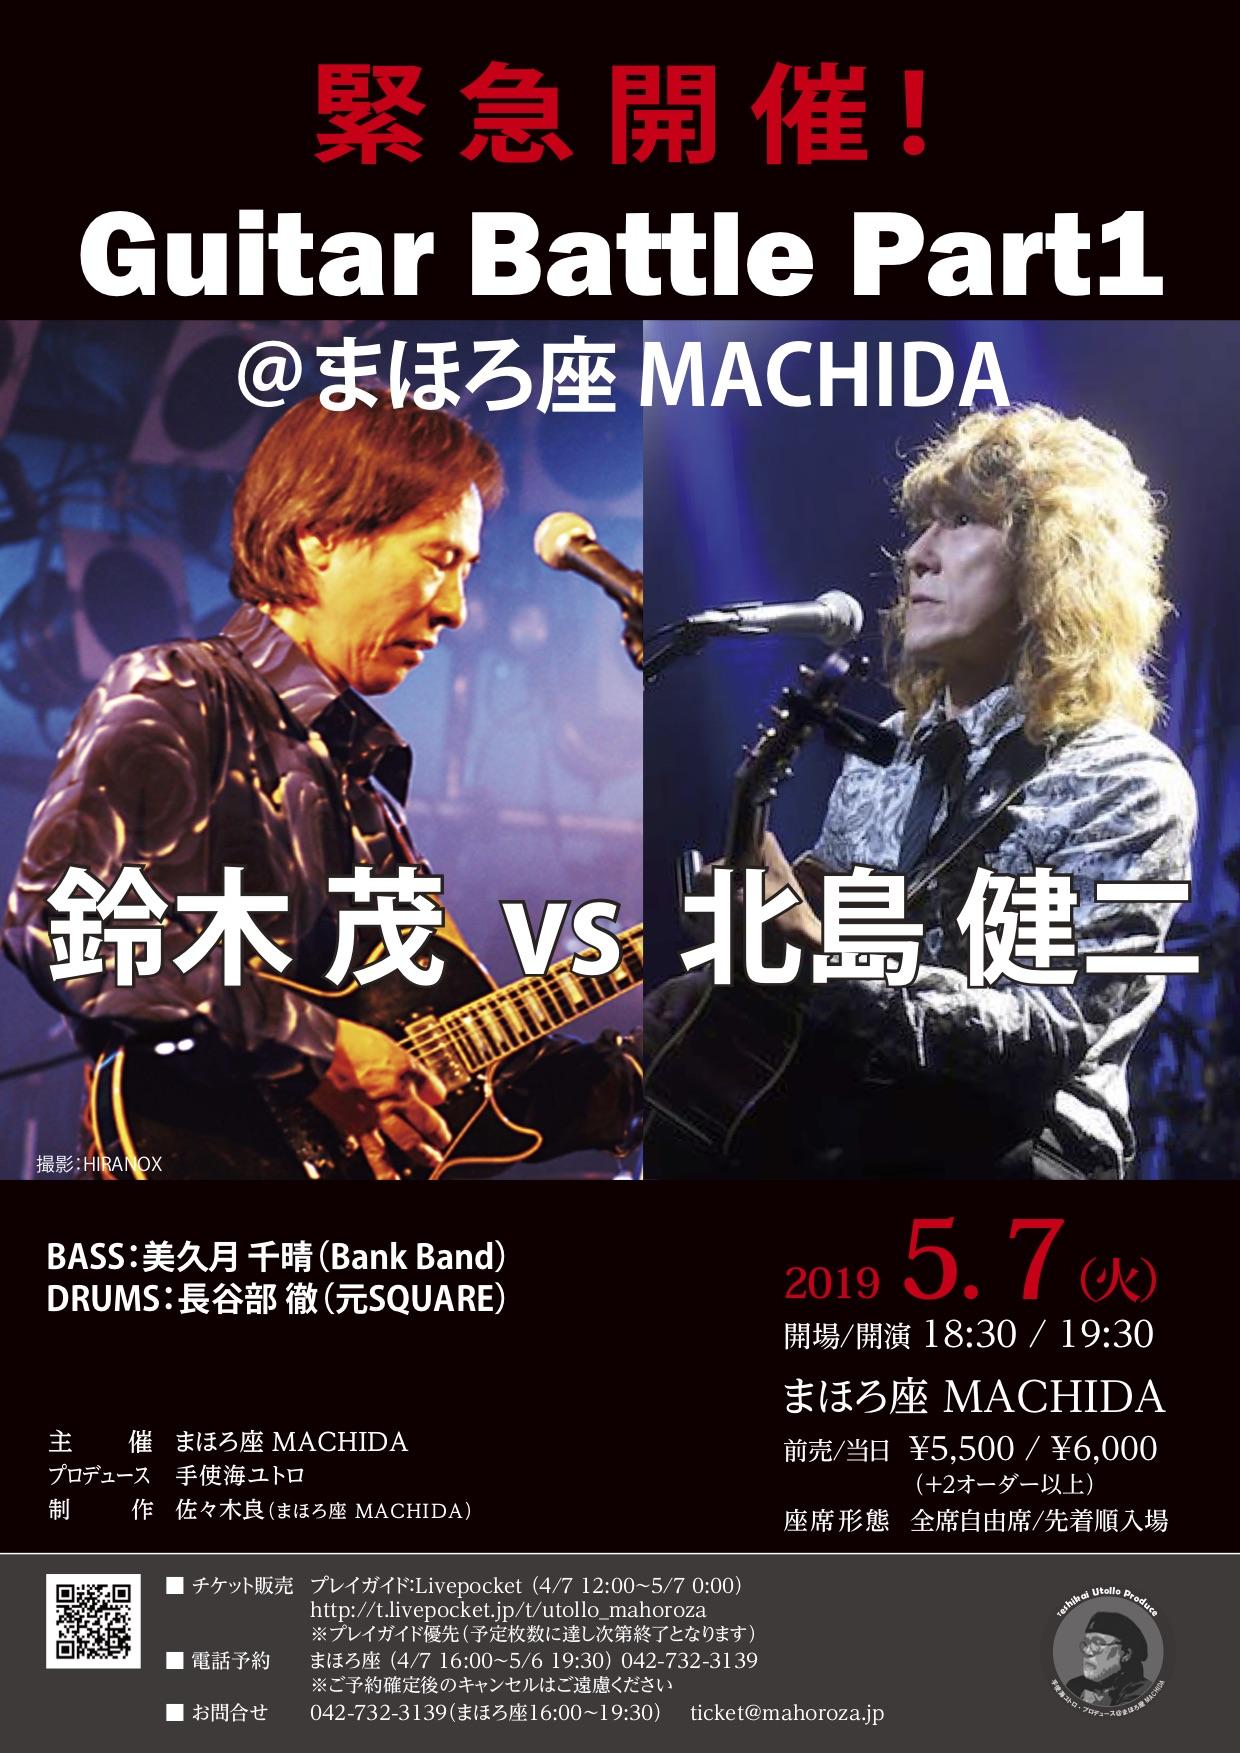 Guitar Battle Part1 @まほろ座 MACHIDA 鈴木茂 vs 北島健二